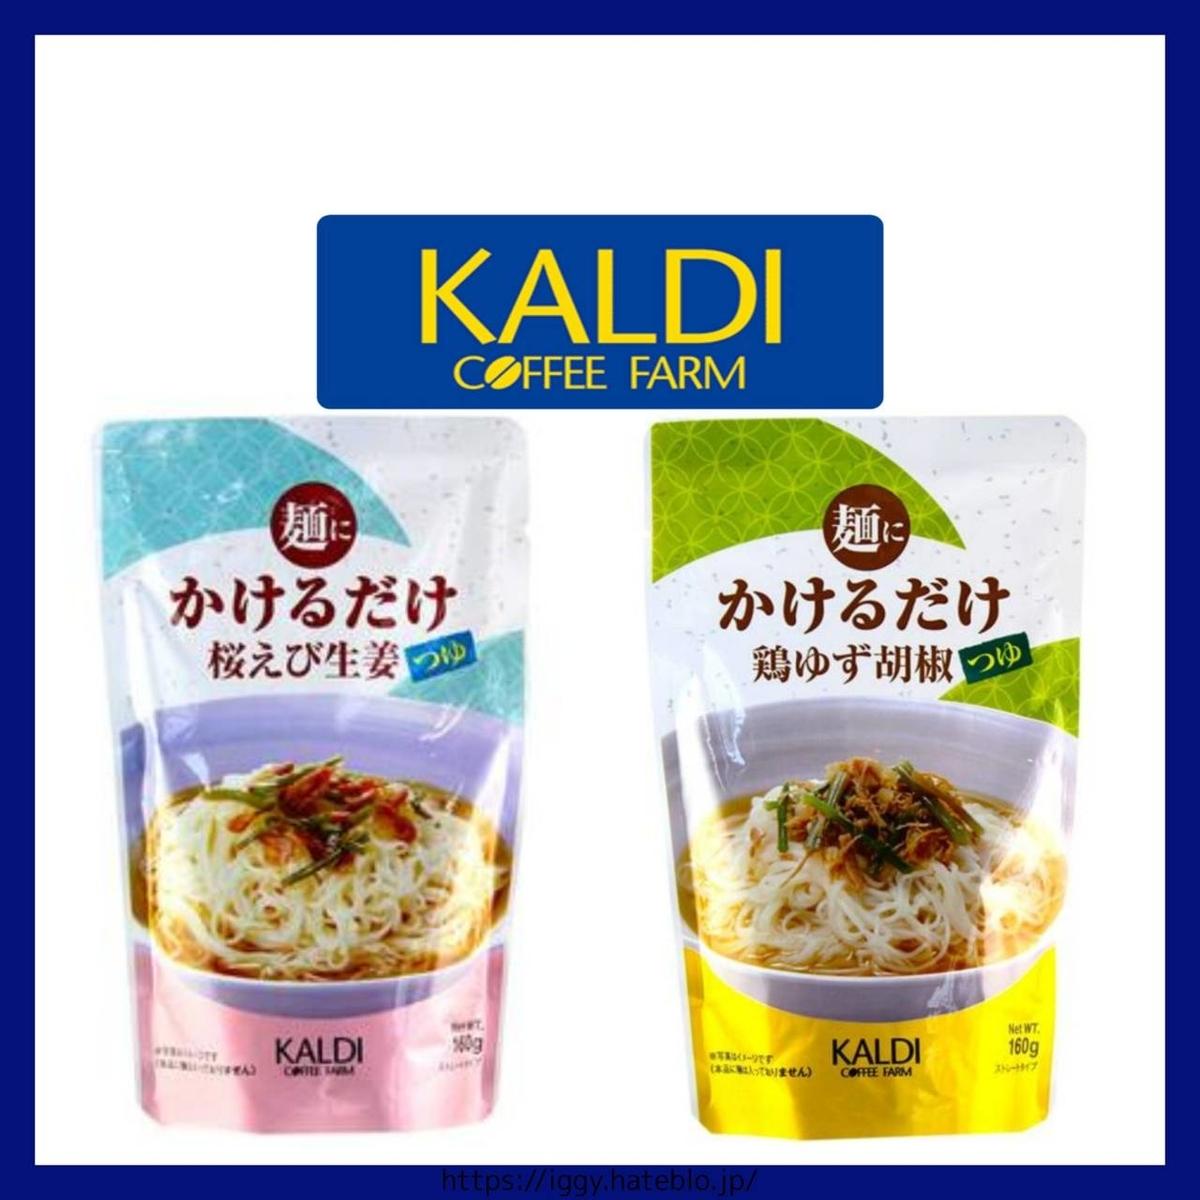 【KALDI】簡単!麺にかけるだけ「鶏ゆず胡椒つゆ」と「桜えび生姜つゆ」 LIFE